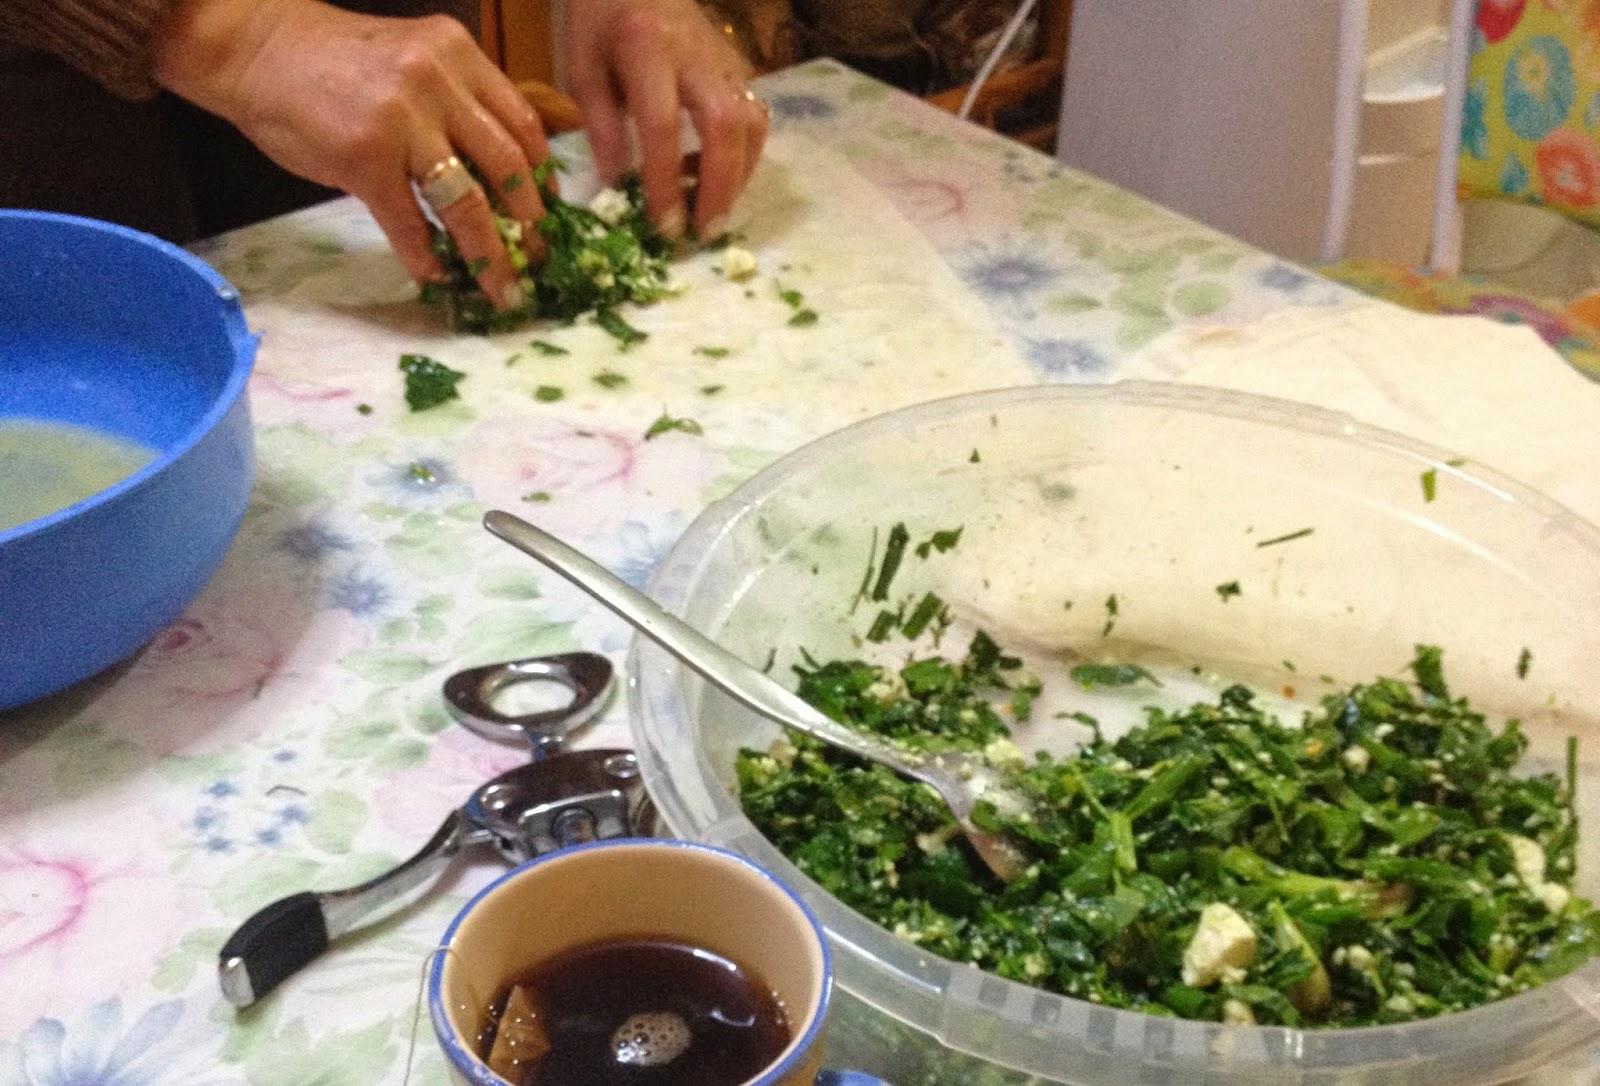 Recettes turc facile - Recettes de cuisine turque ...